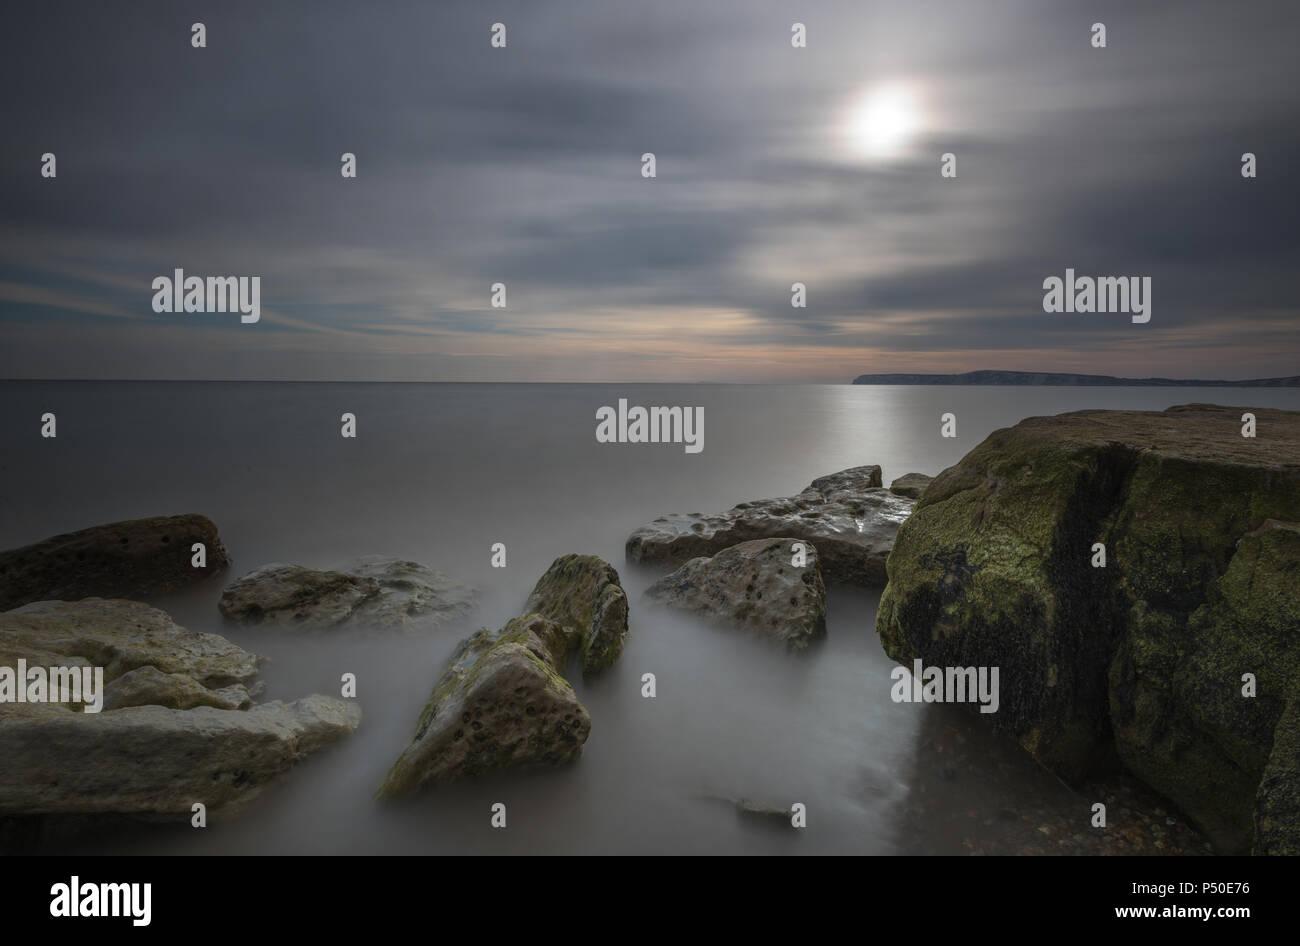 Eine schöne und atmosphärische Isle of Wight Marine oder Sonnenuntergang über dem Meer bei compton Bay in der Nähe von Süßwasser-Bucht. Stockbild